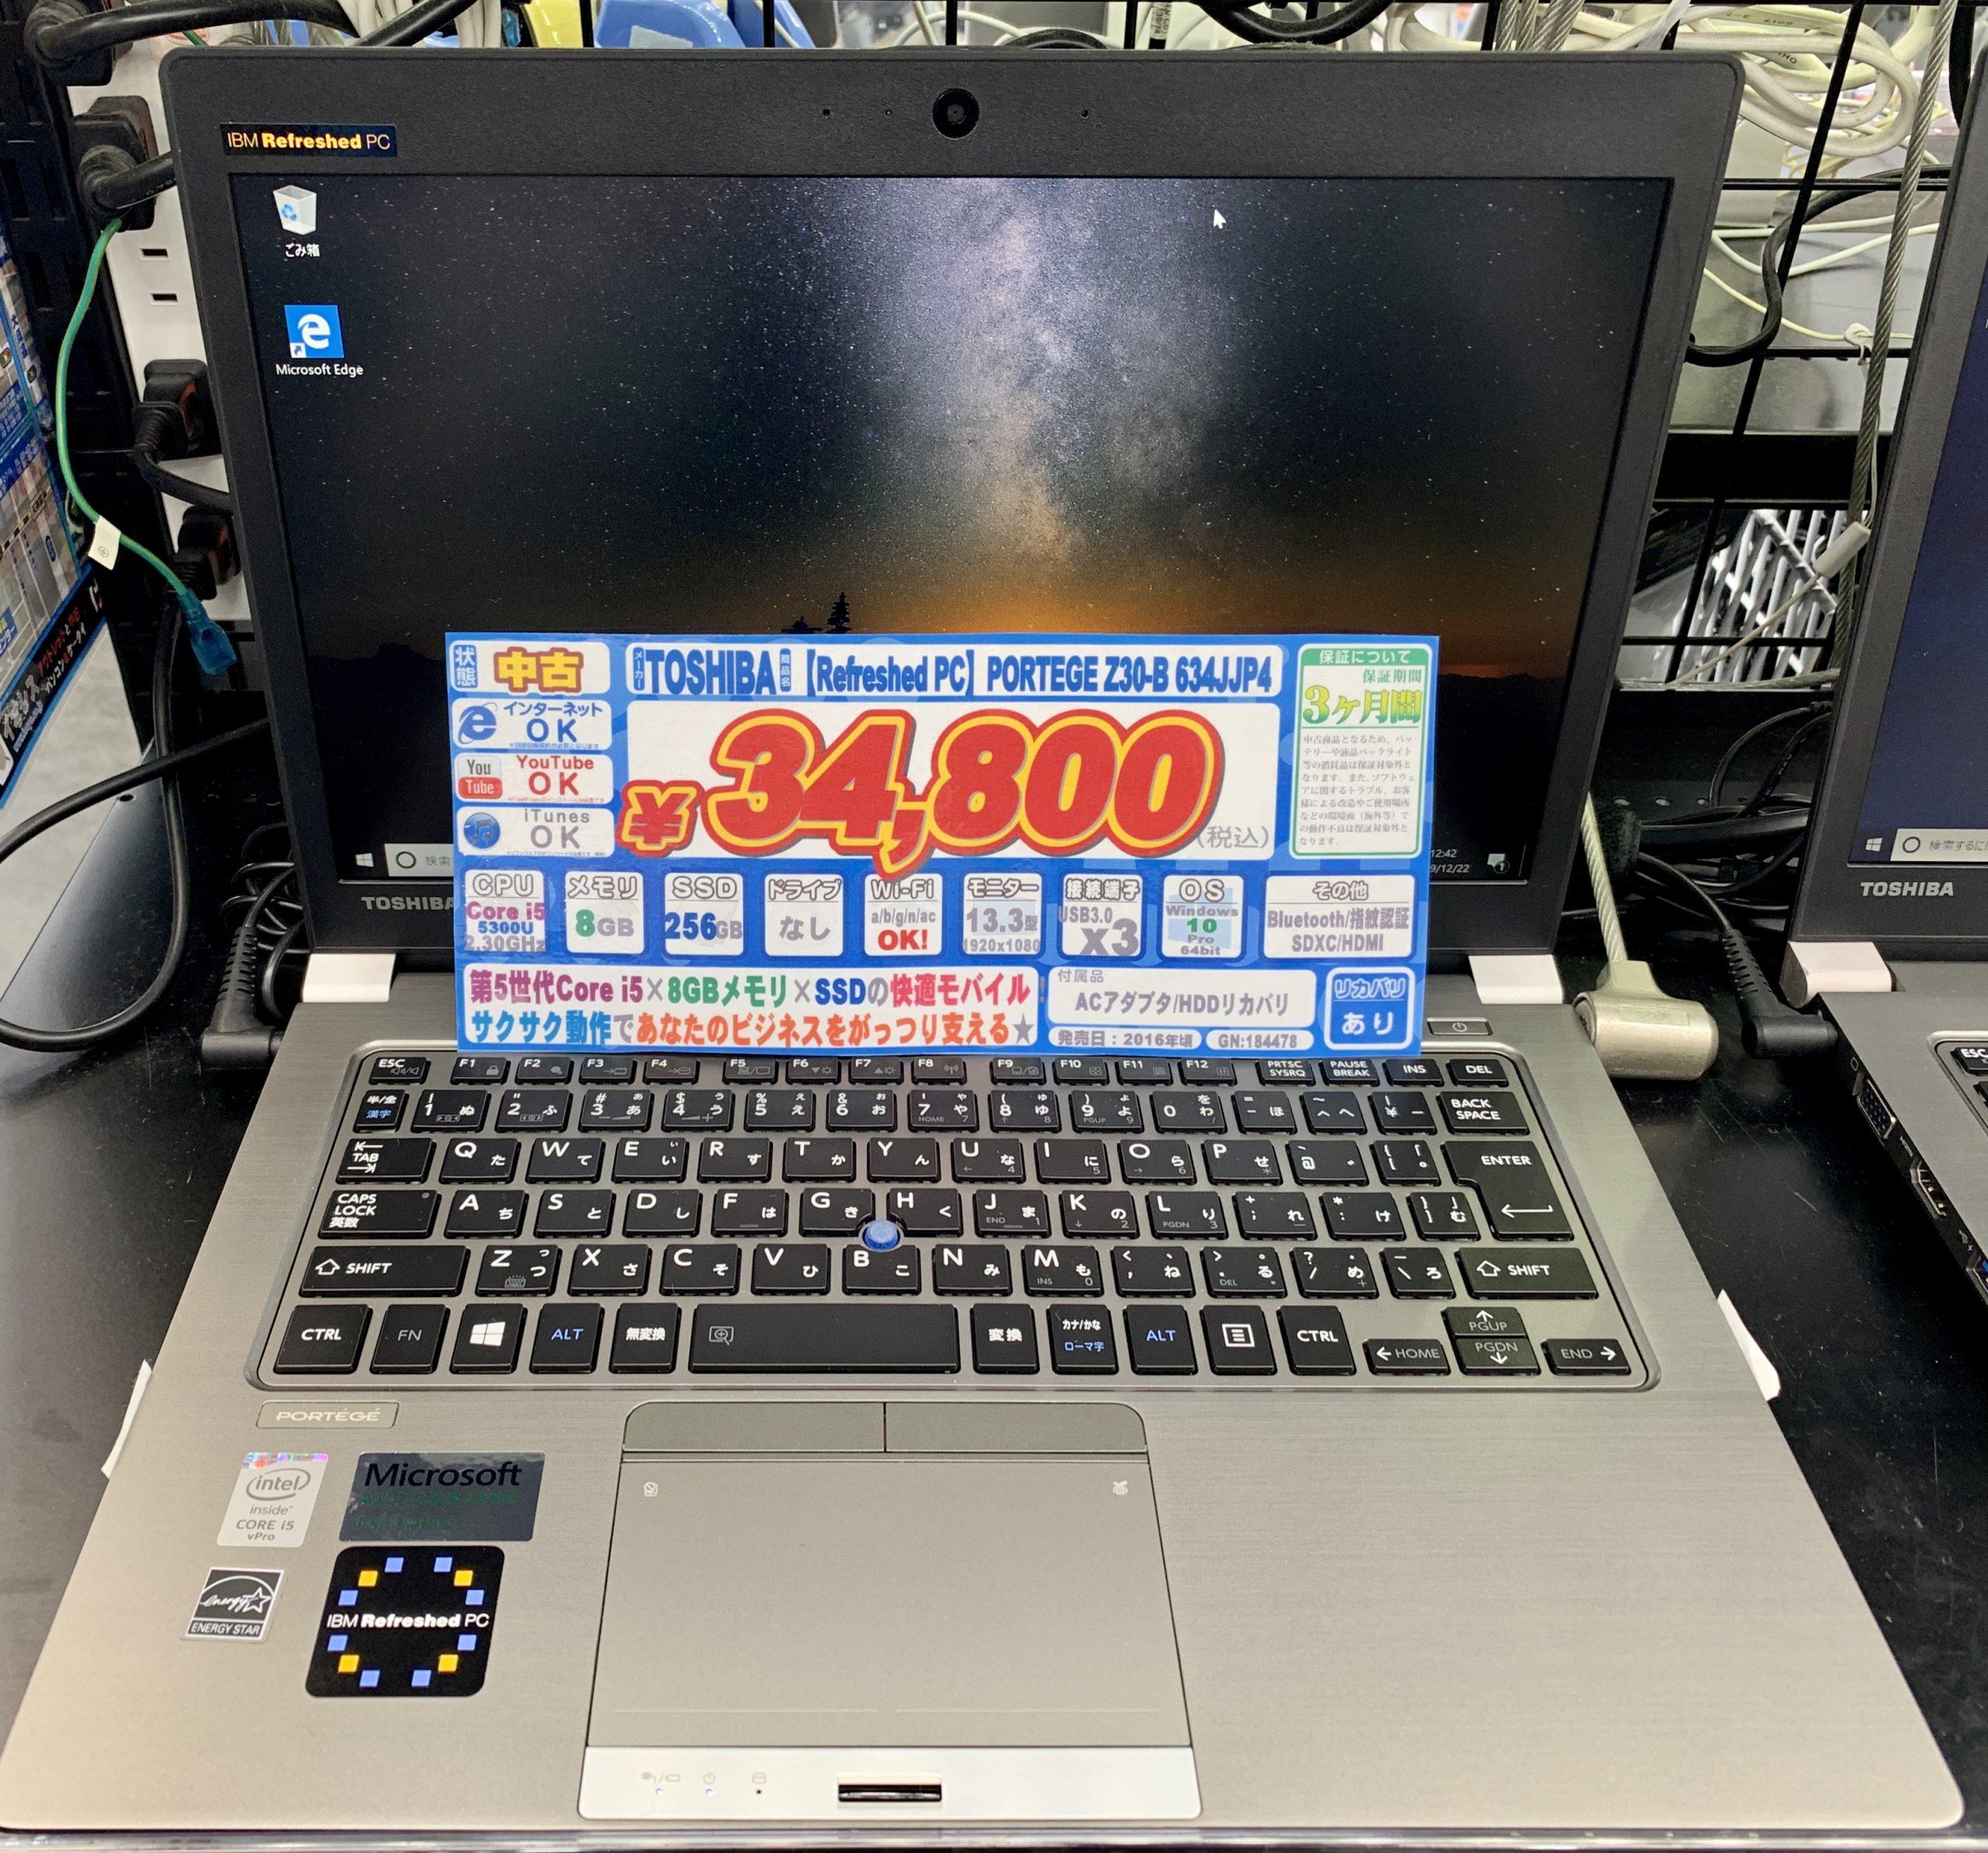 2 3 scaled - メモリ4ギガのノートパソコン(何とかパッカード社製)買ったんだけど、やっぱ8ギガの方が良かったかな?